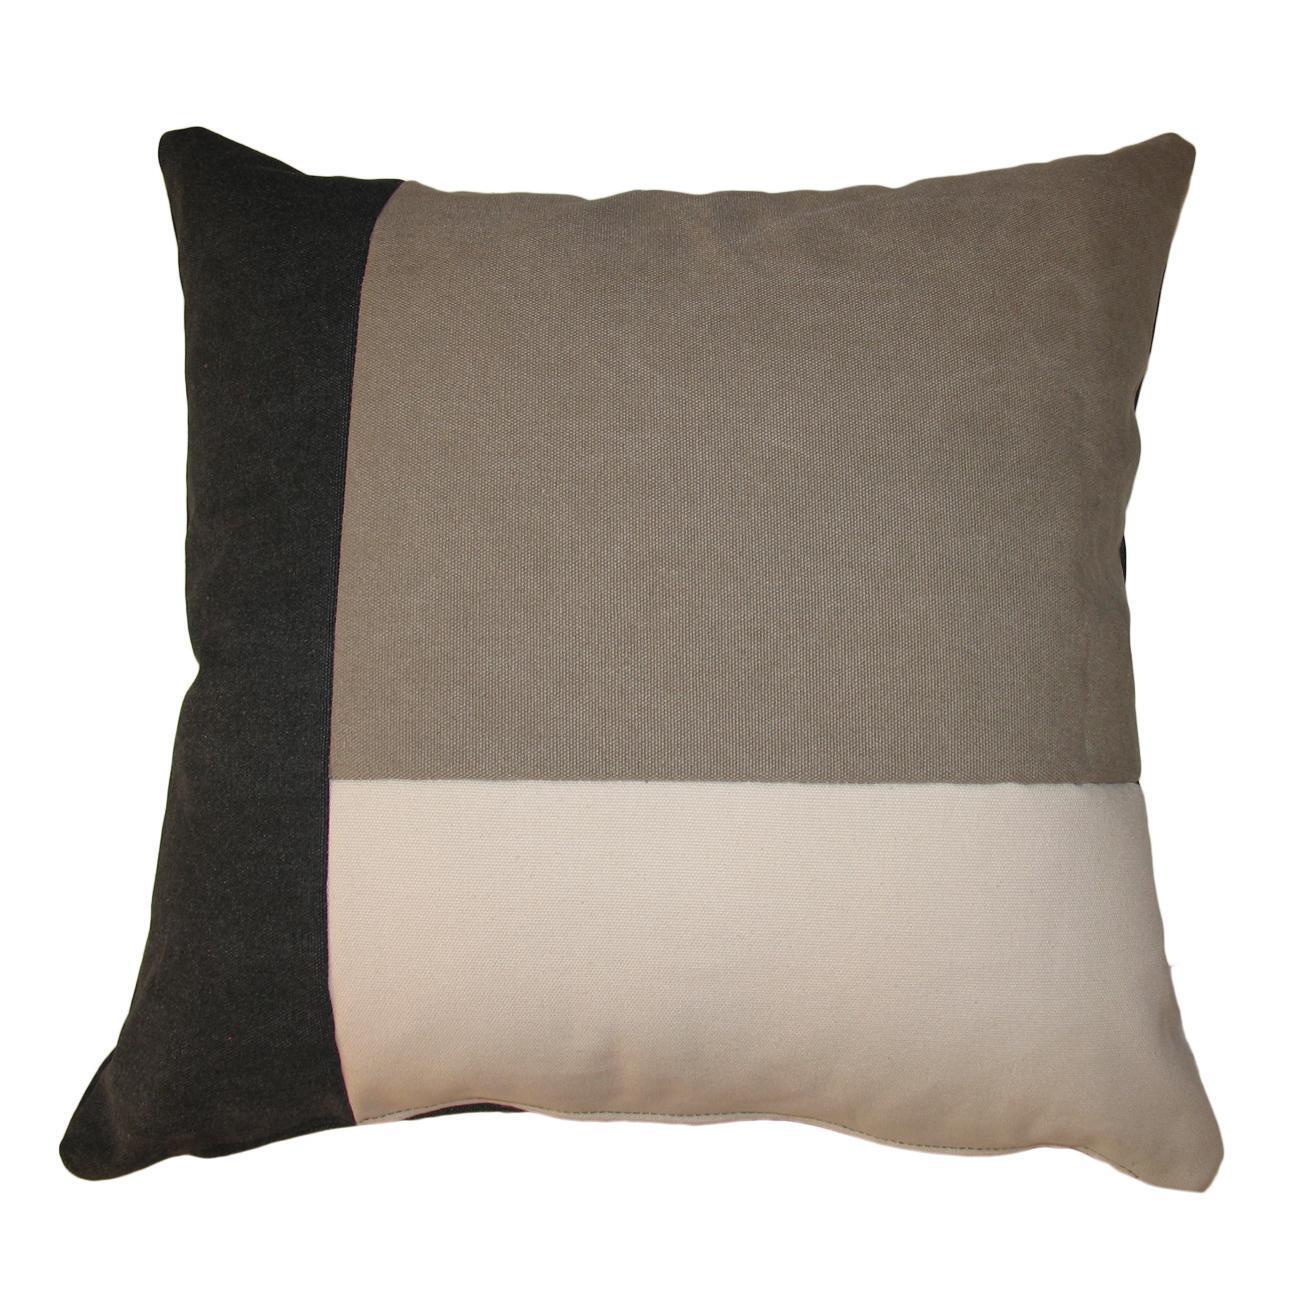 Cuscino Patch grigio 50x50 cm - 1